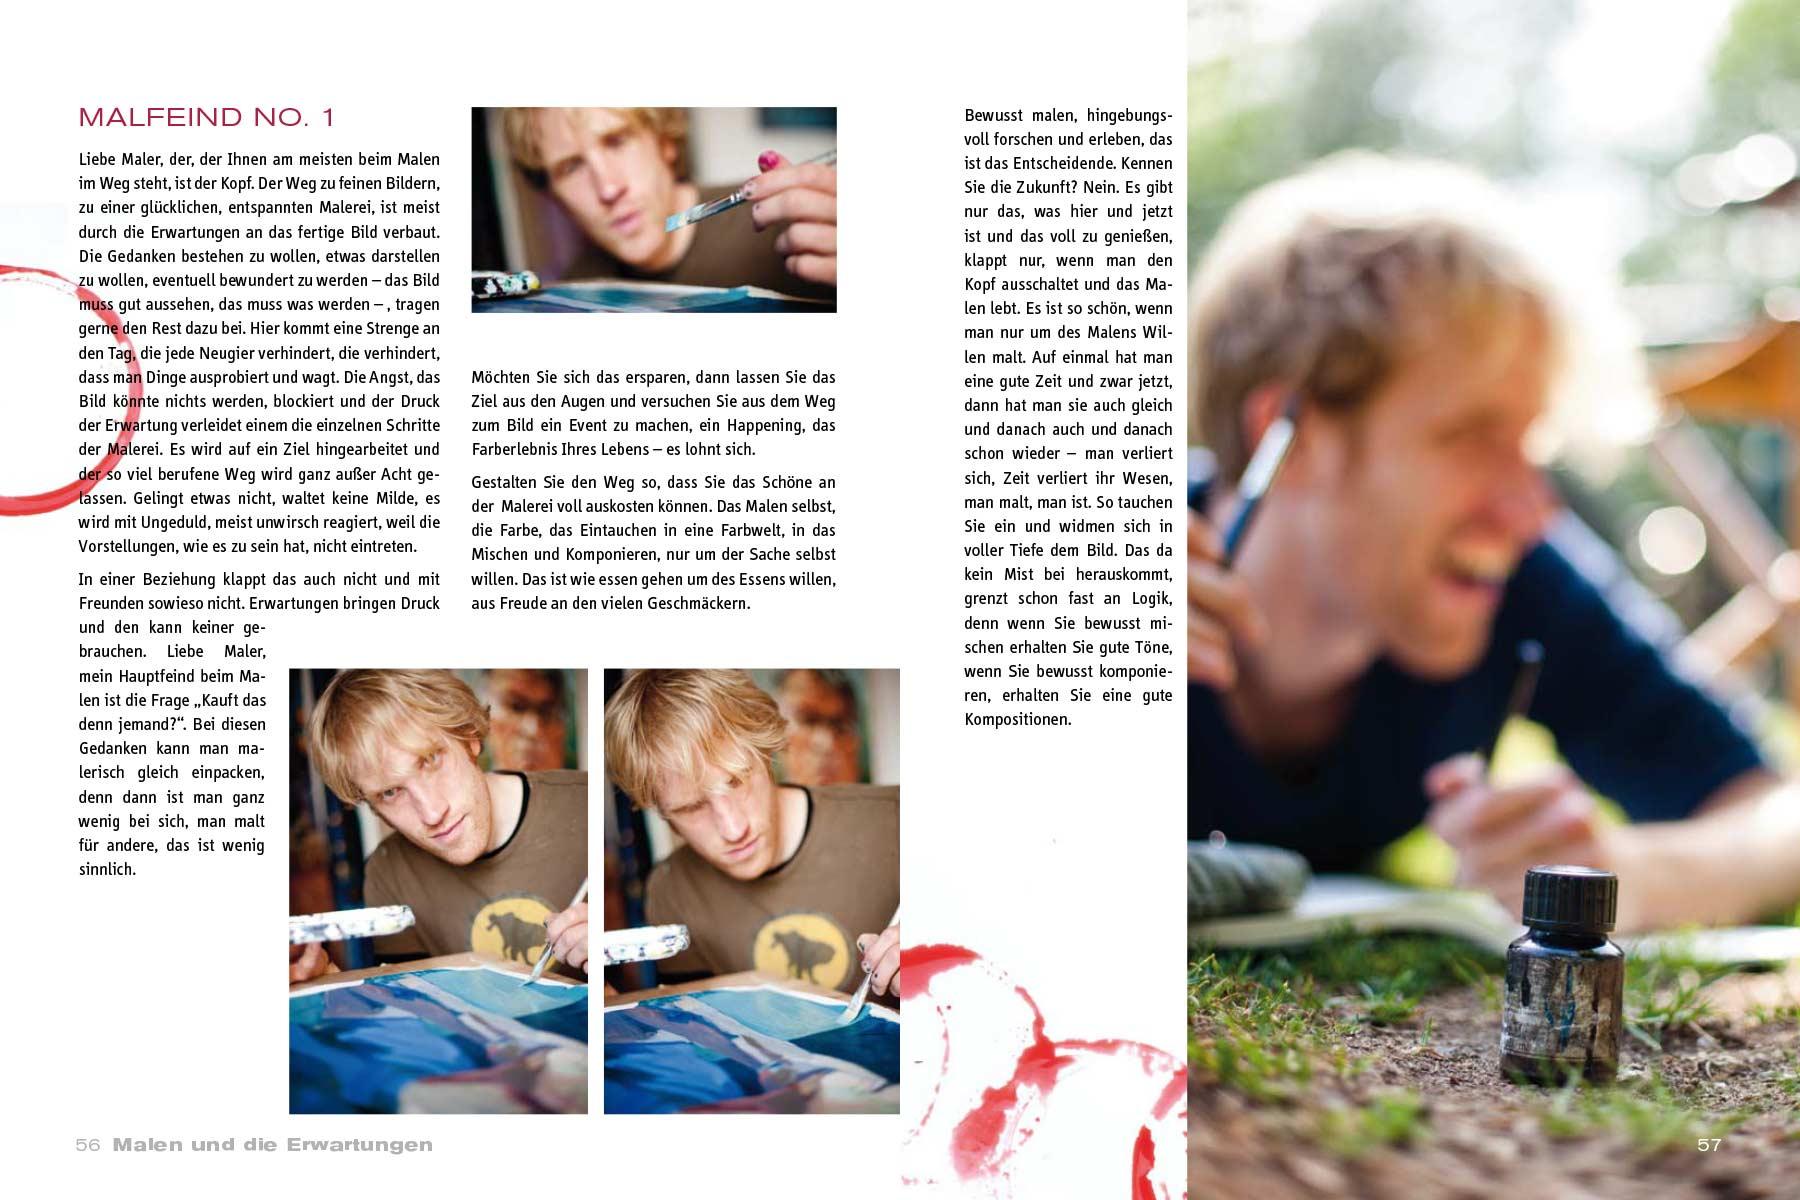 Felix-Eckardt_Genial-Malen_Portrait_05.jpg